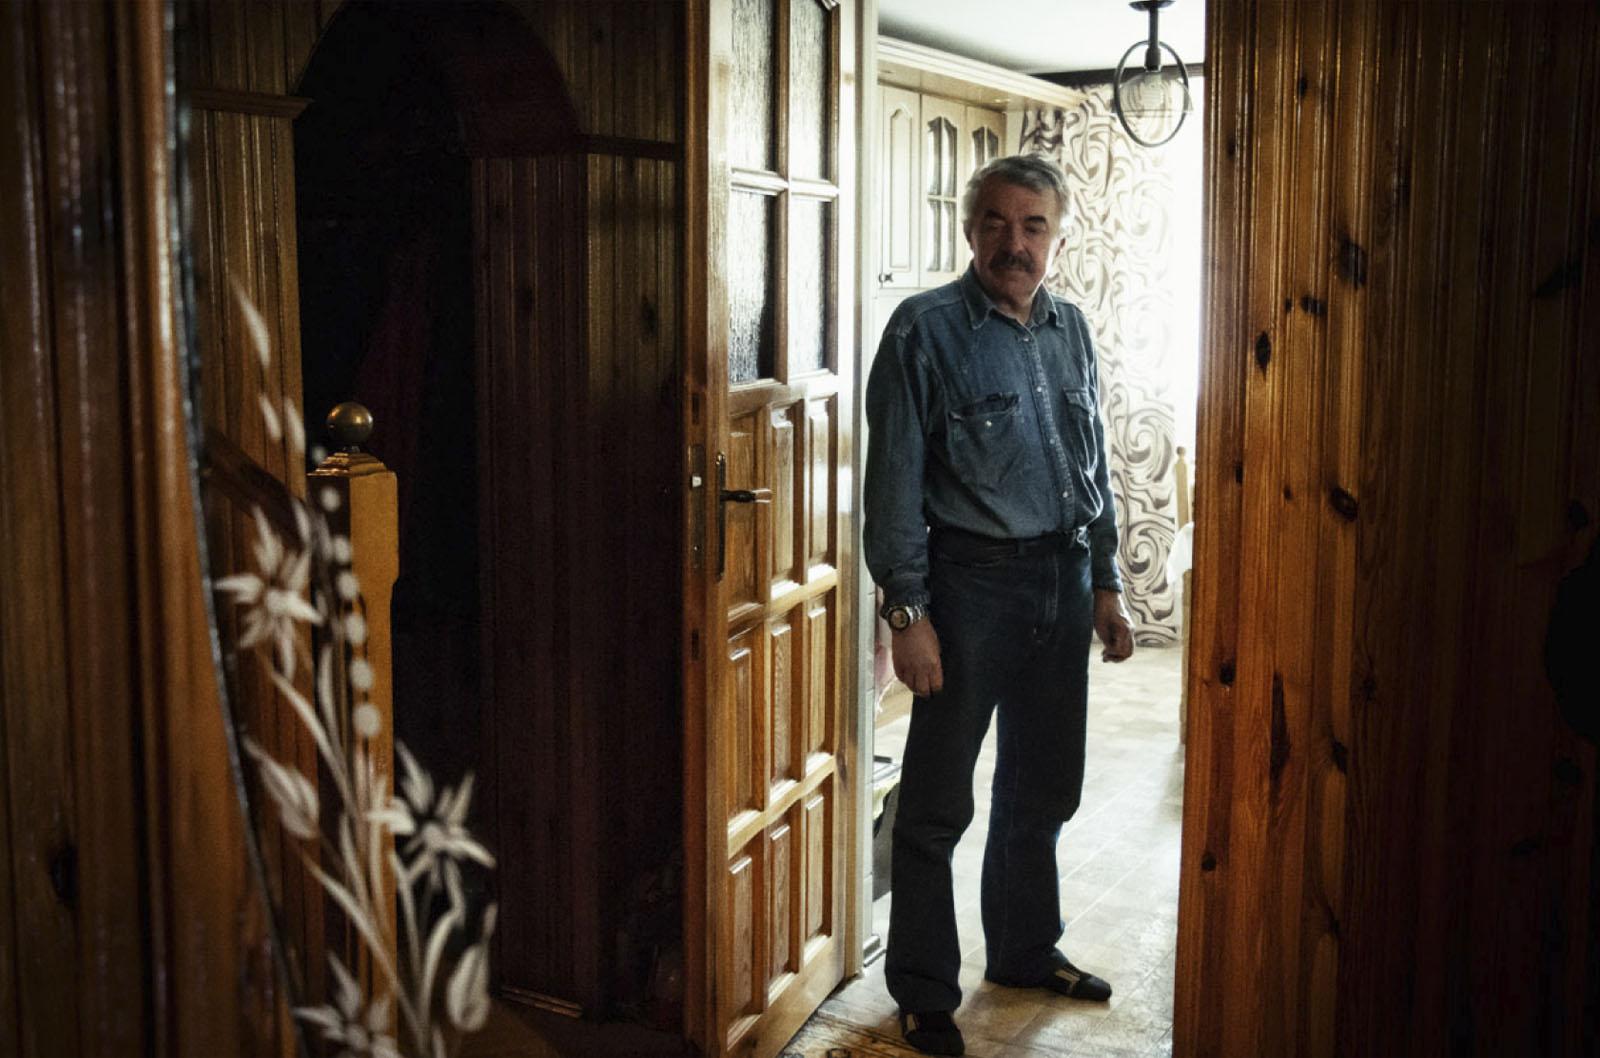 Janusz Gregorczyk w swoim domu, Radom, 11 marca 2014 roku (źródło: materiały prasowe organizatora)